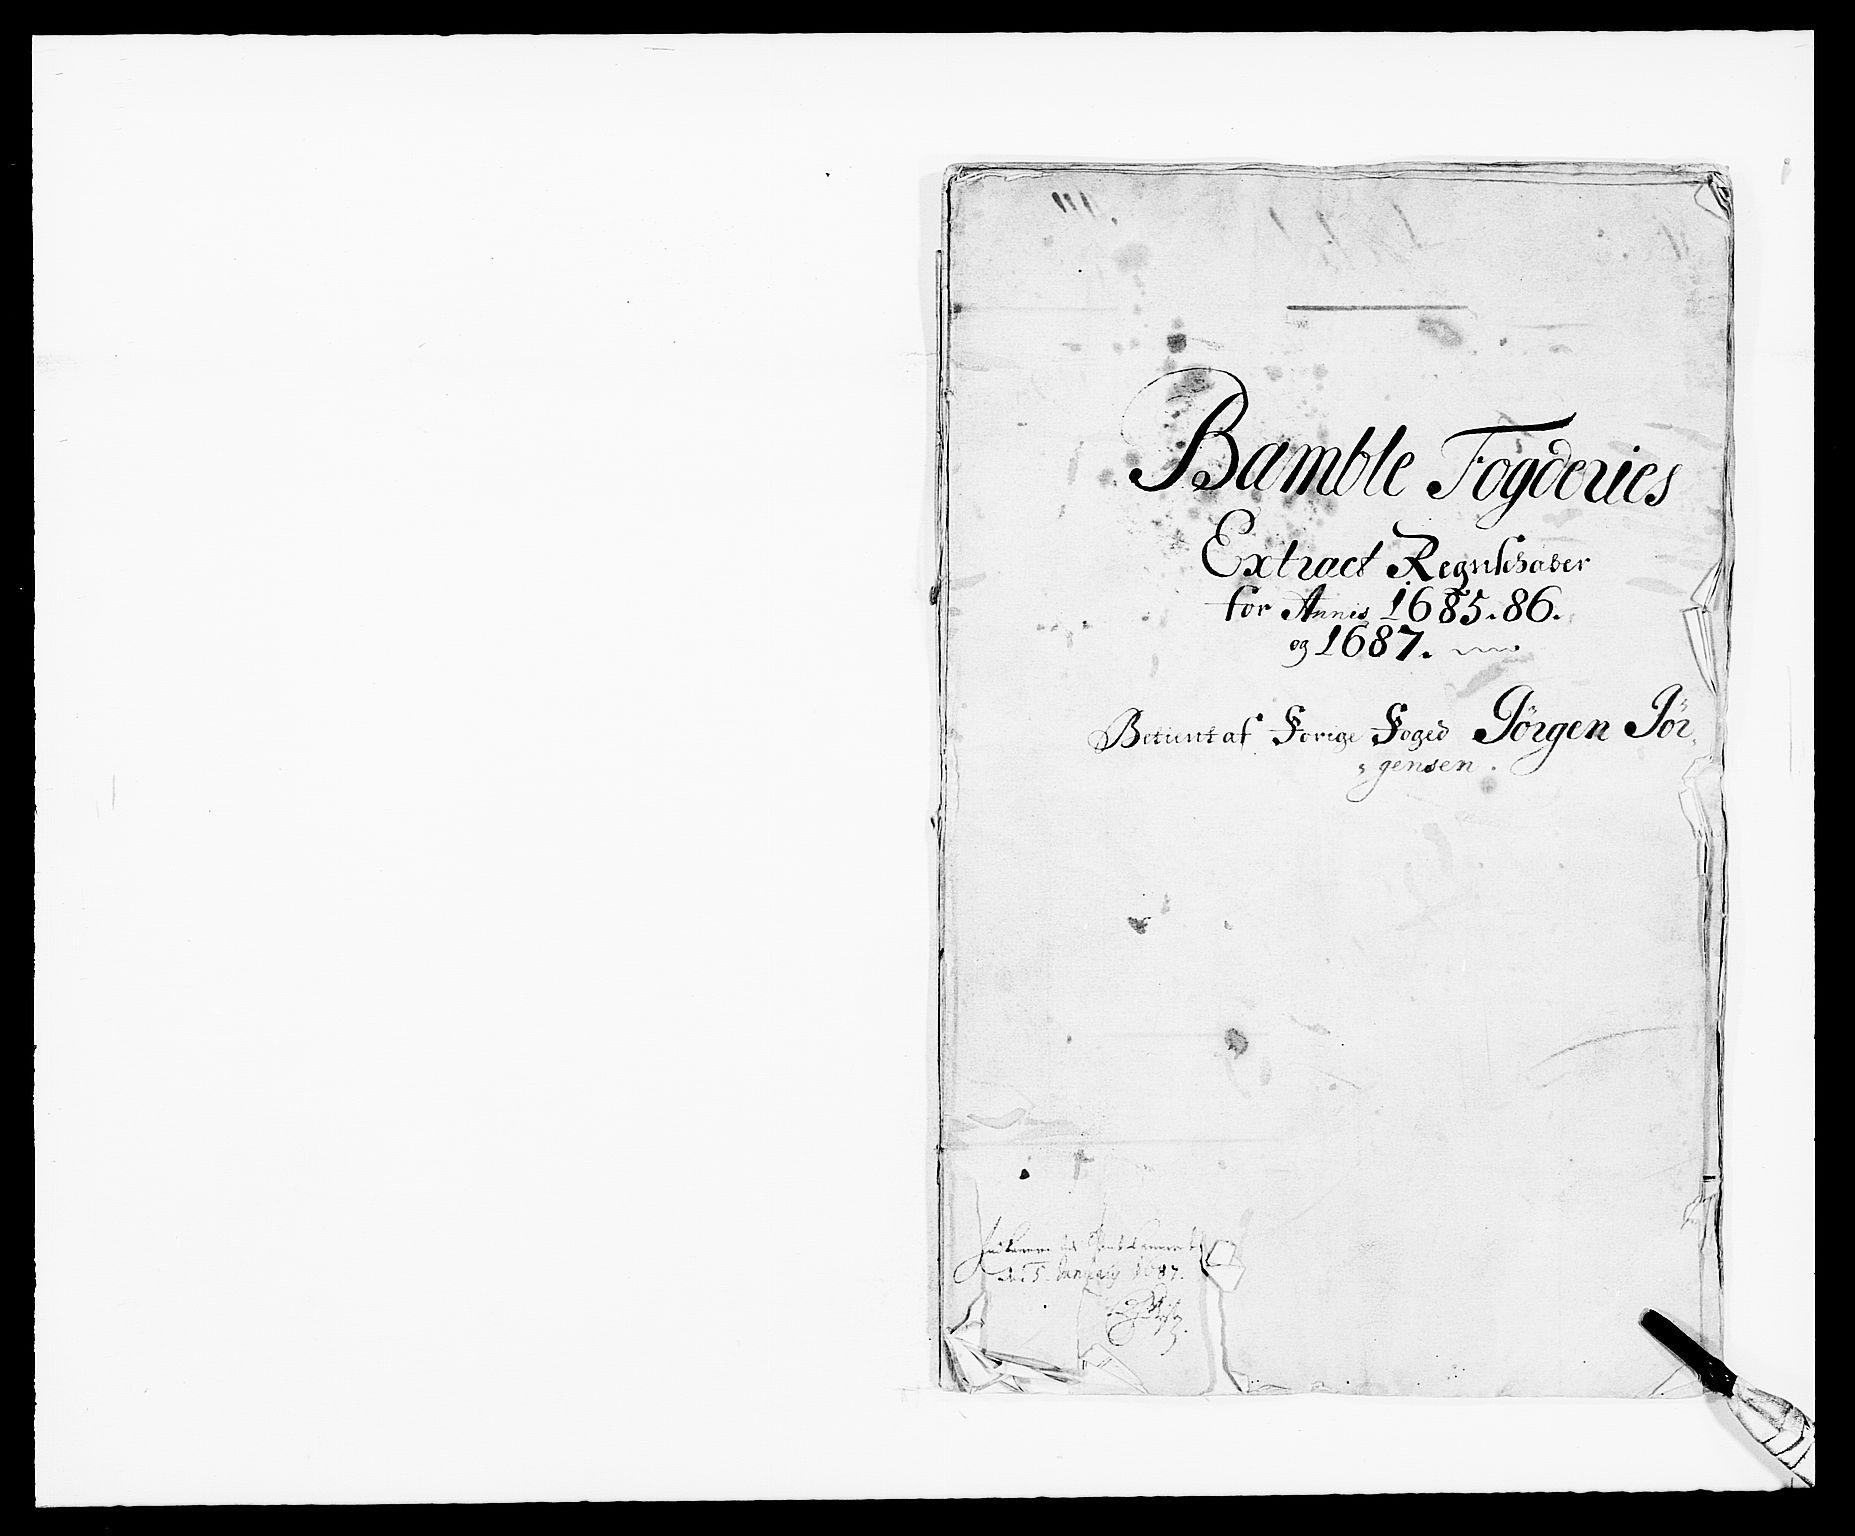 RA, Rentekammeret inntil 1814, Reviderte regnskaper, Fogderegnskap, R34/L2048: Fogderegnskap Bamble, 1685-1687, s. 1